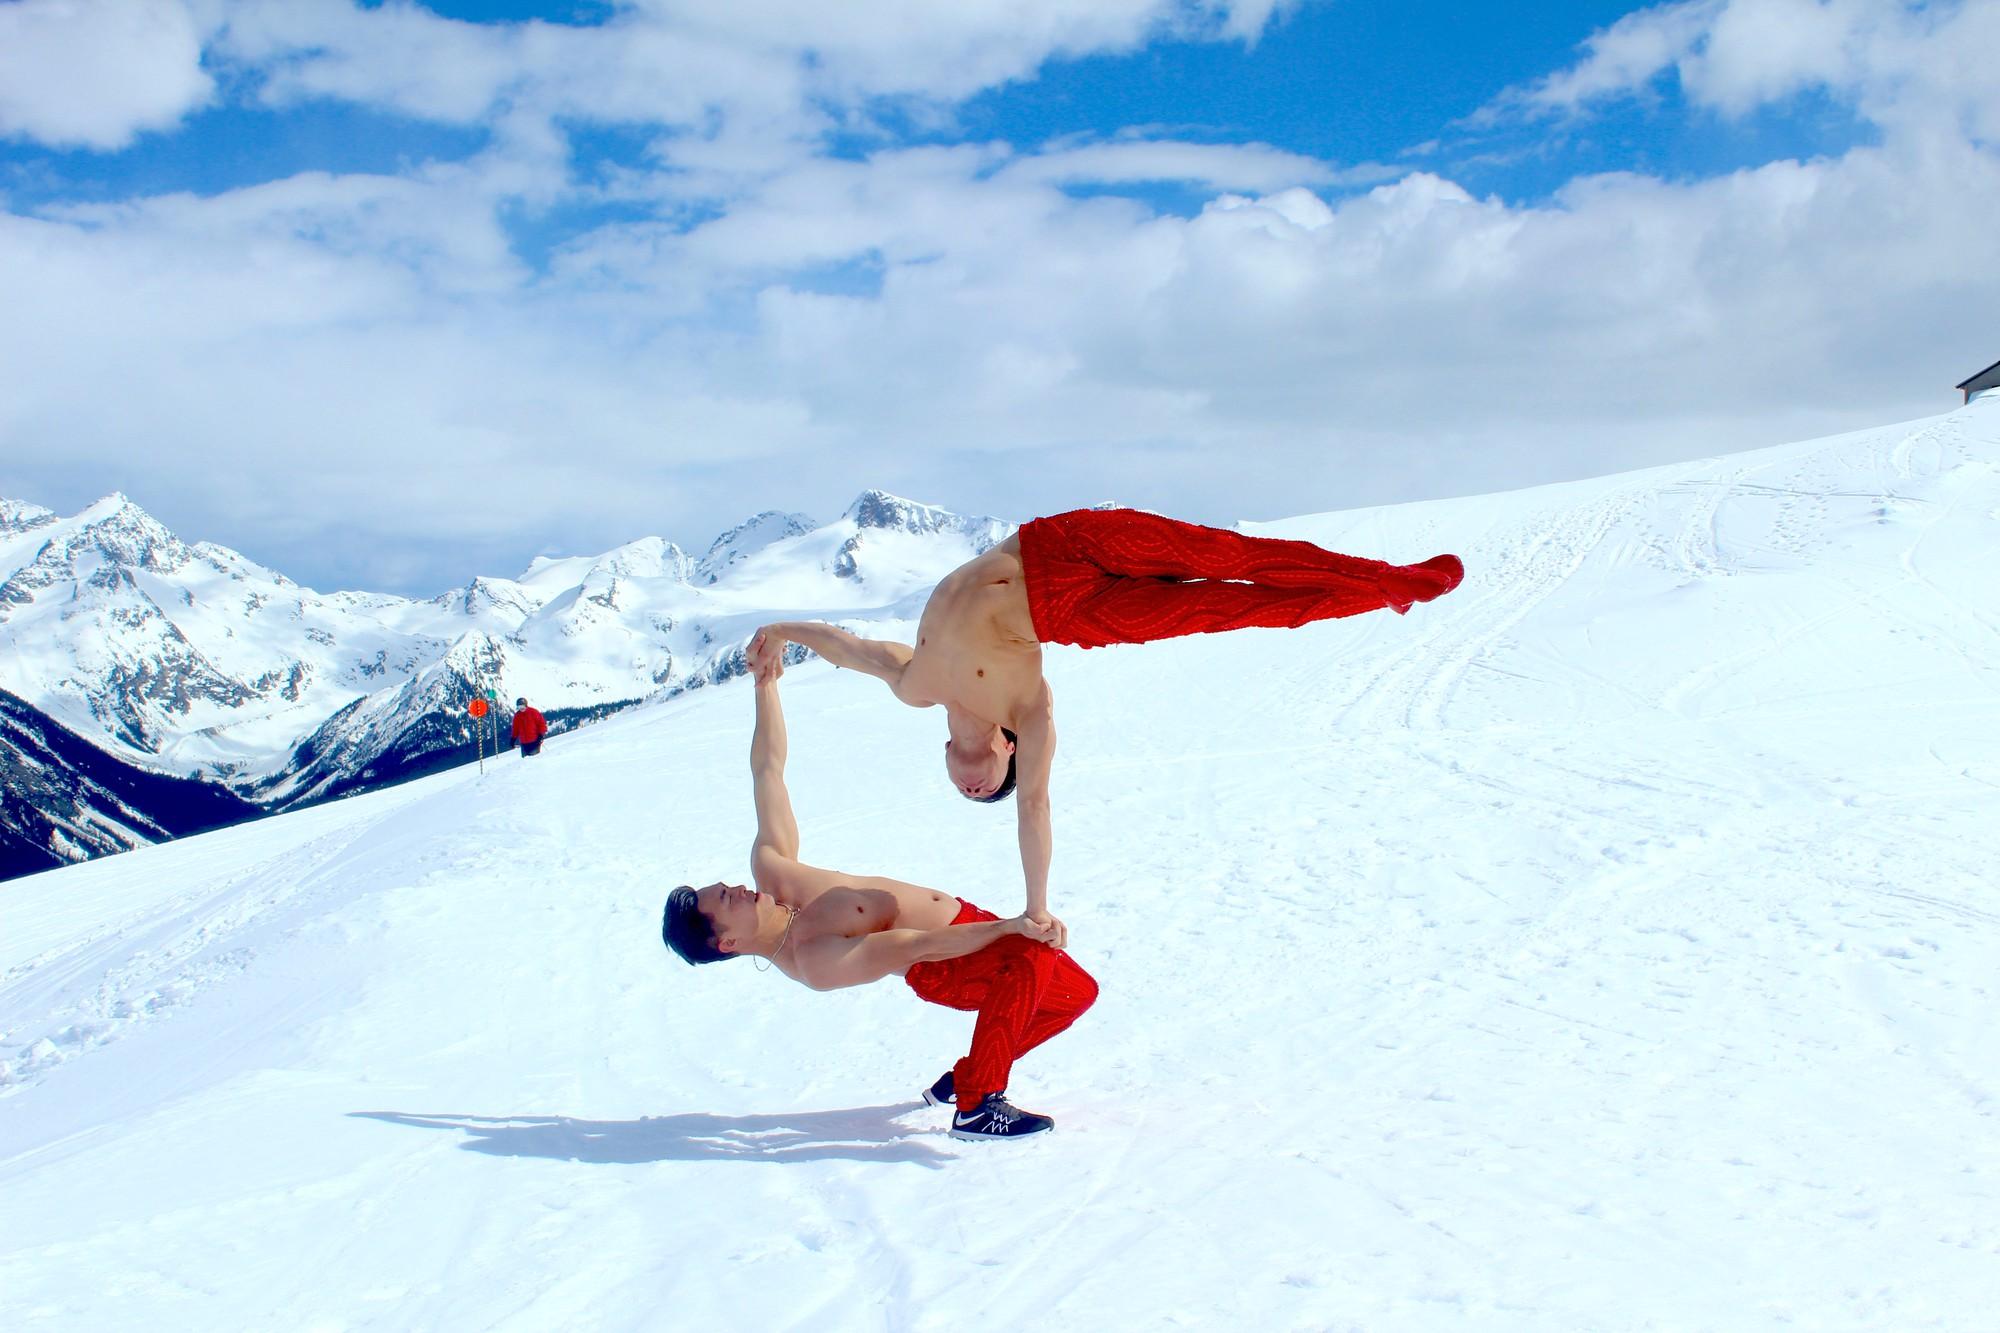 Anh em Quốc Cơ - Quốc Nghiệp diễn xiếc trên núi tuyết Canada, quyết tâm chinh phục cái lạnh -10 độ C - Hình 4